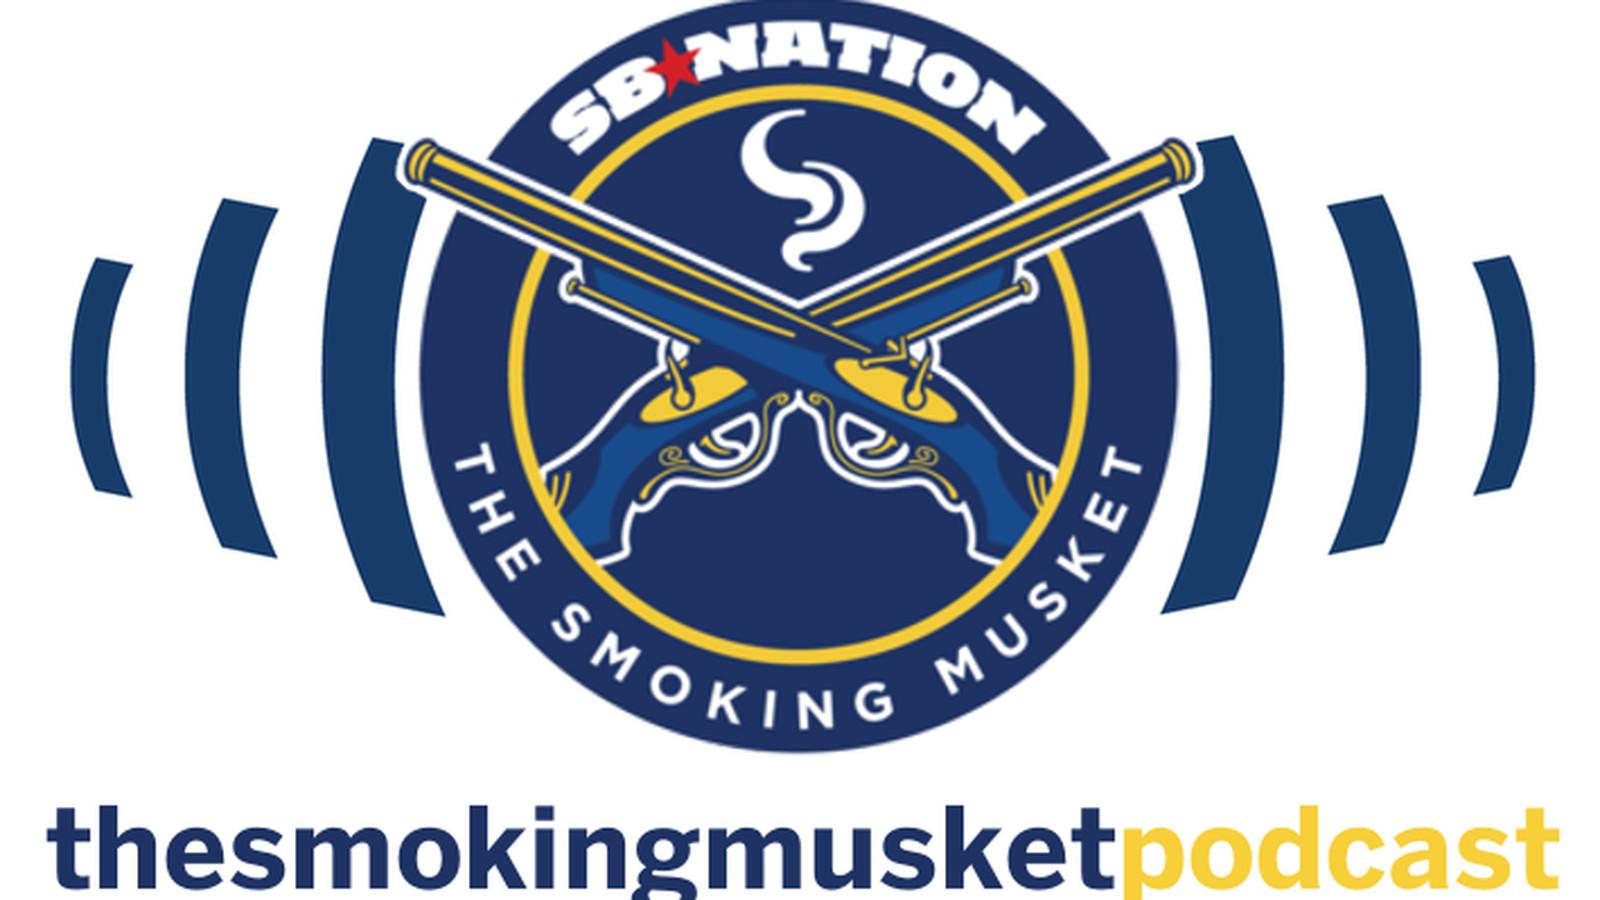 Smokingmusketpodcastlogo.0.0.0.0